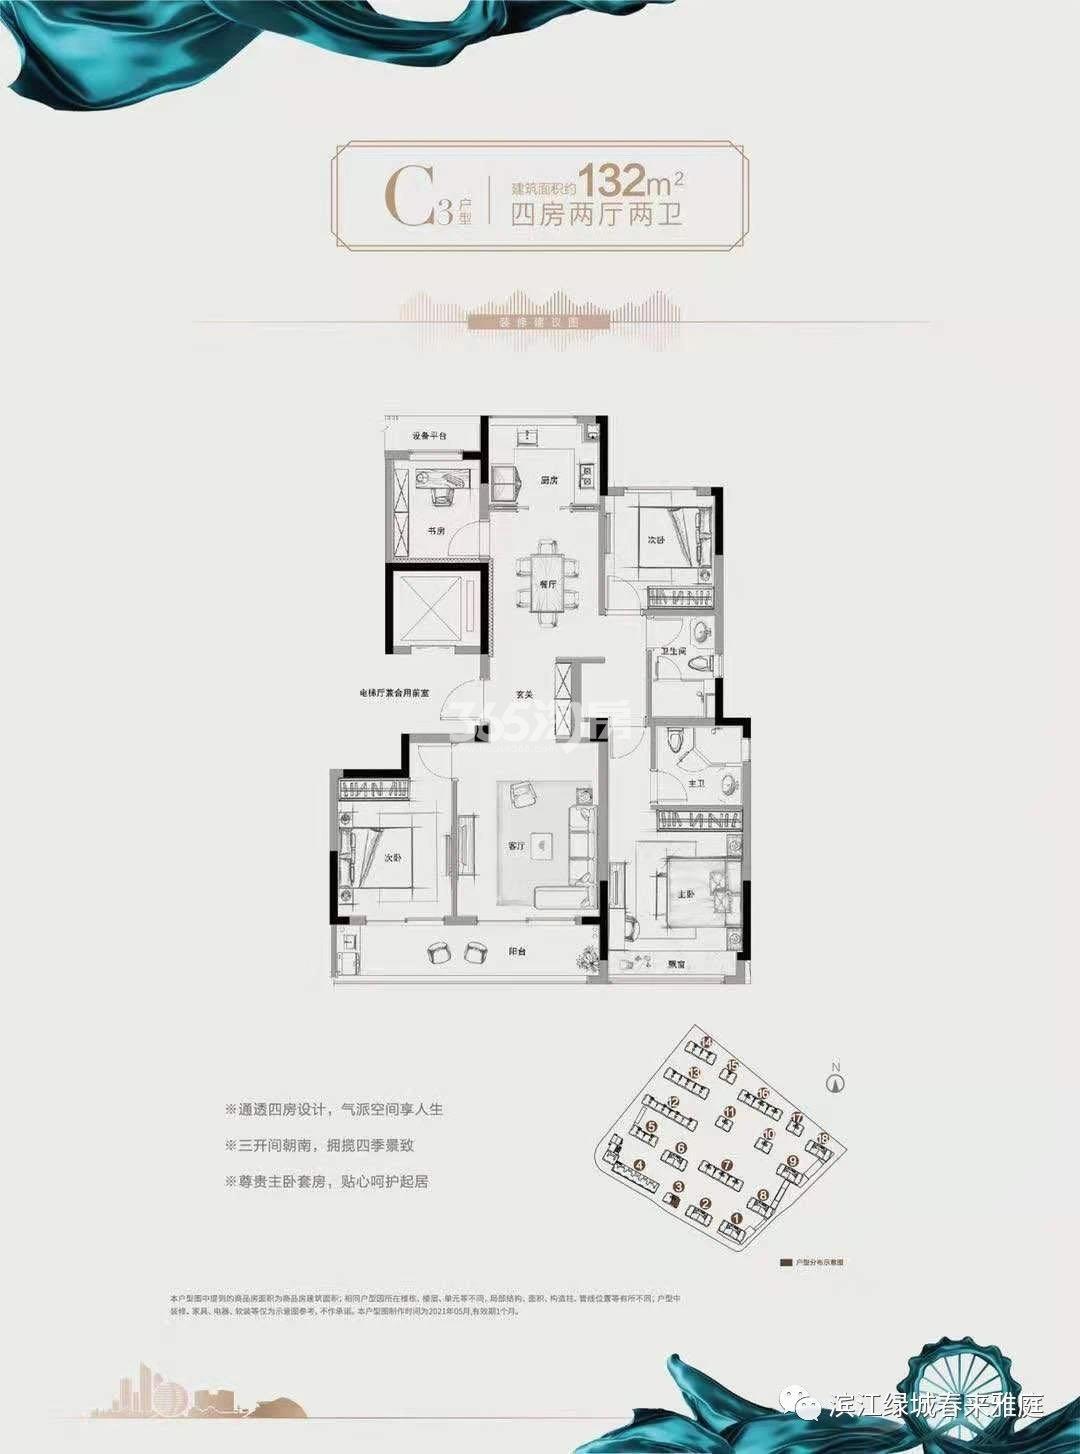 滨江绿城春来雅庭C3户型建面约132方